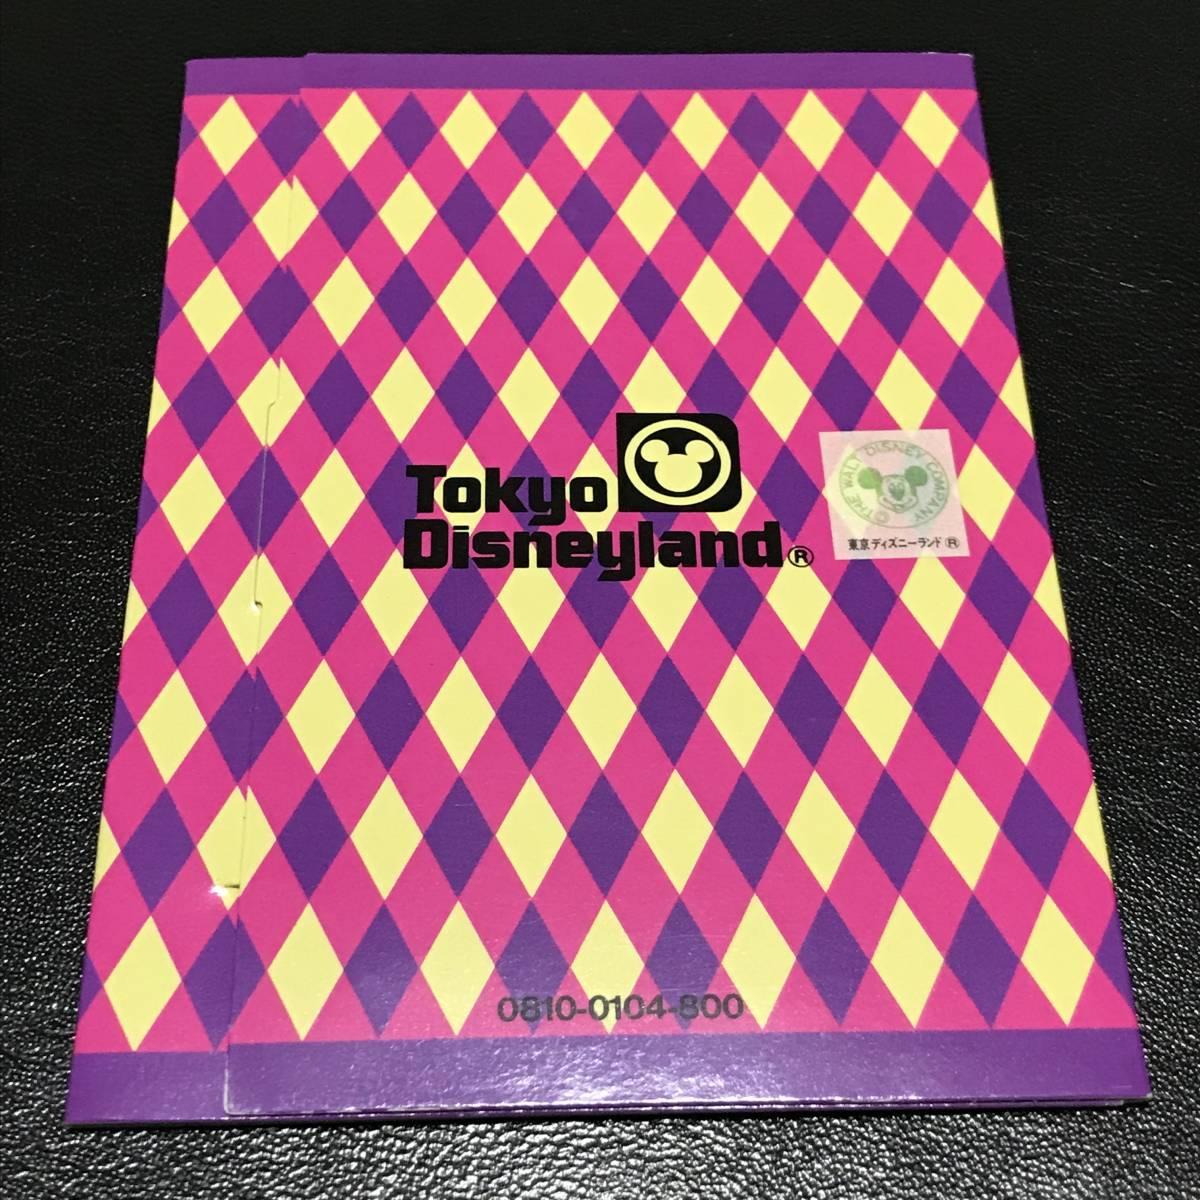 ★未使用!テレフォンカード/テレカ!東京ディズニーランド/Tokyo Disney land/PARTY GRAS PARADE/台紙付!50度数!★管理番号47_画像2